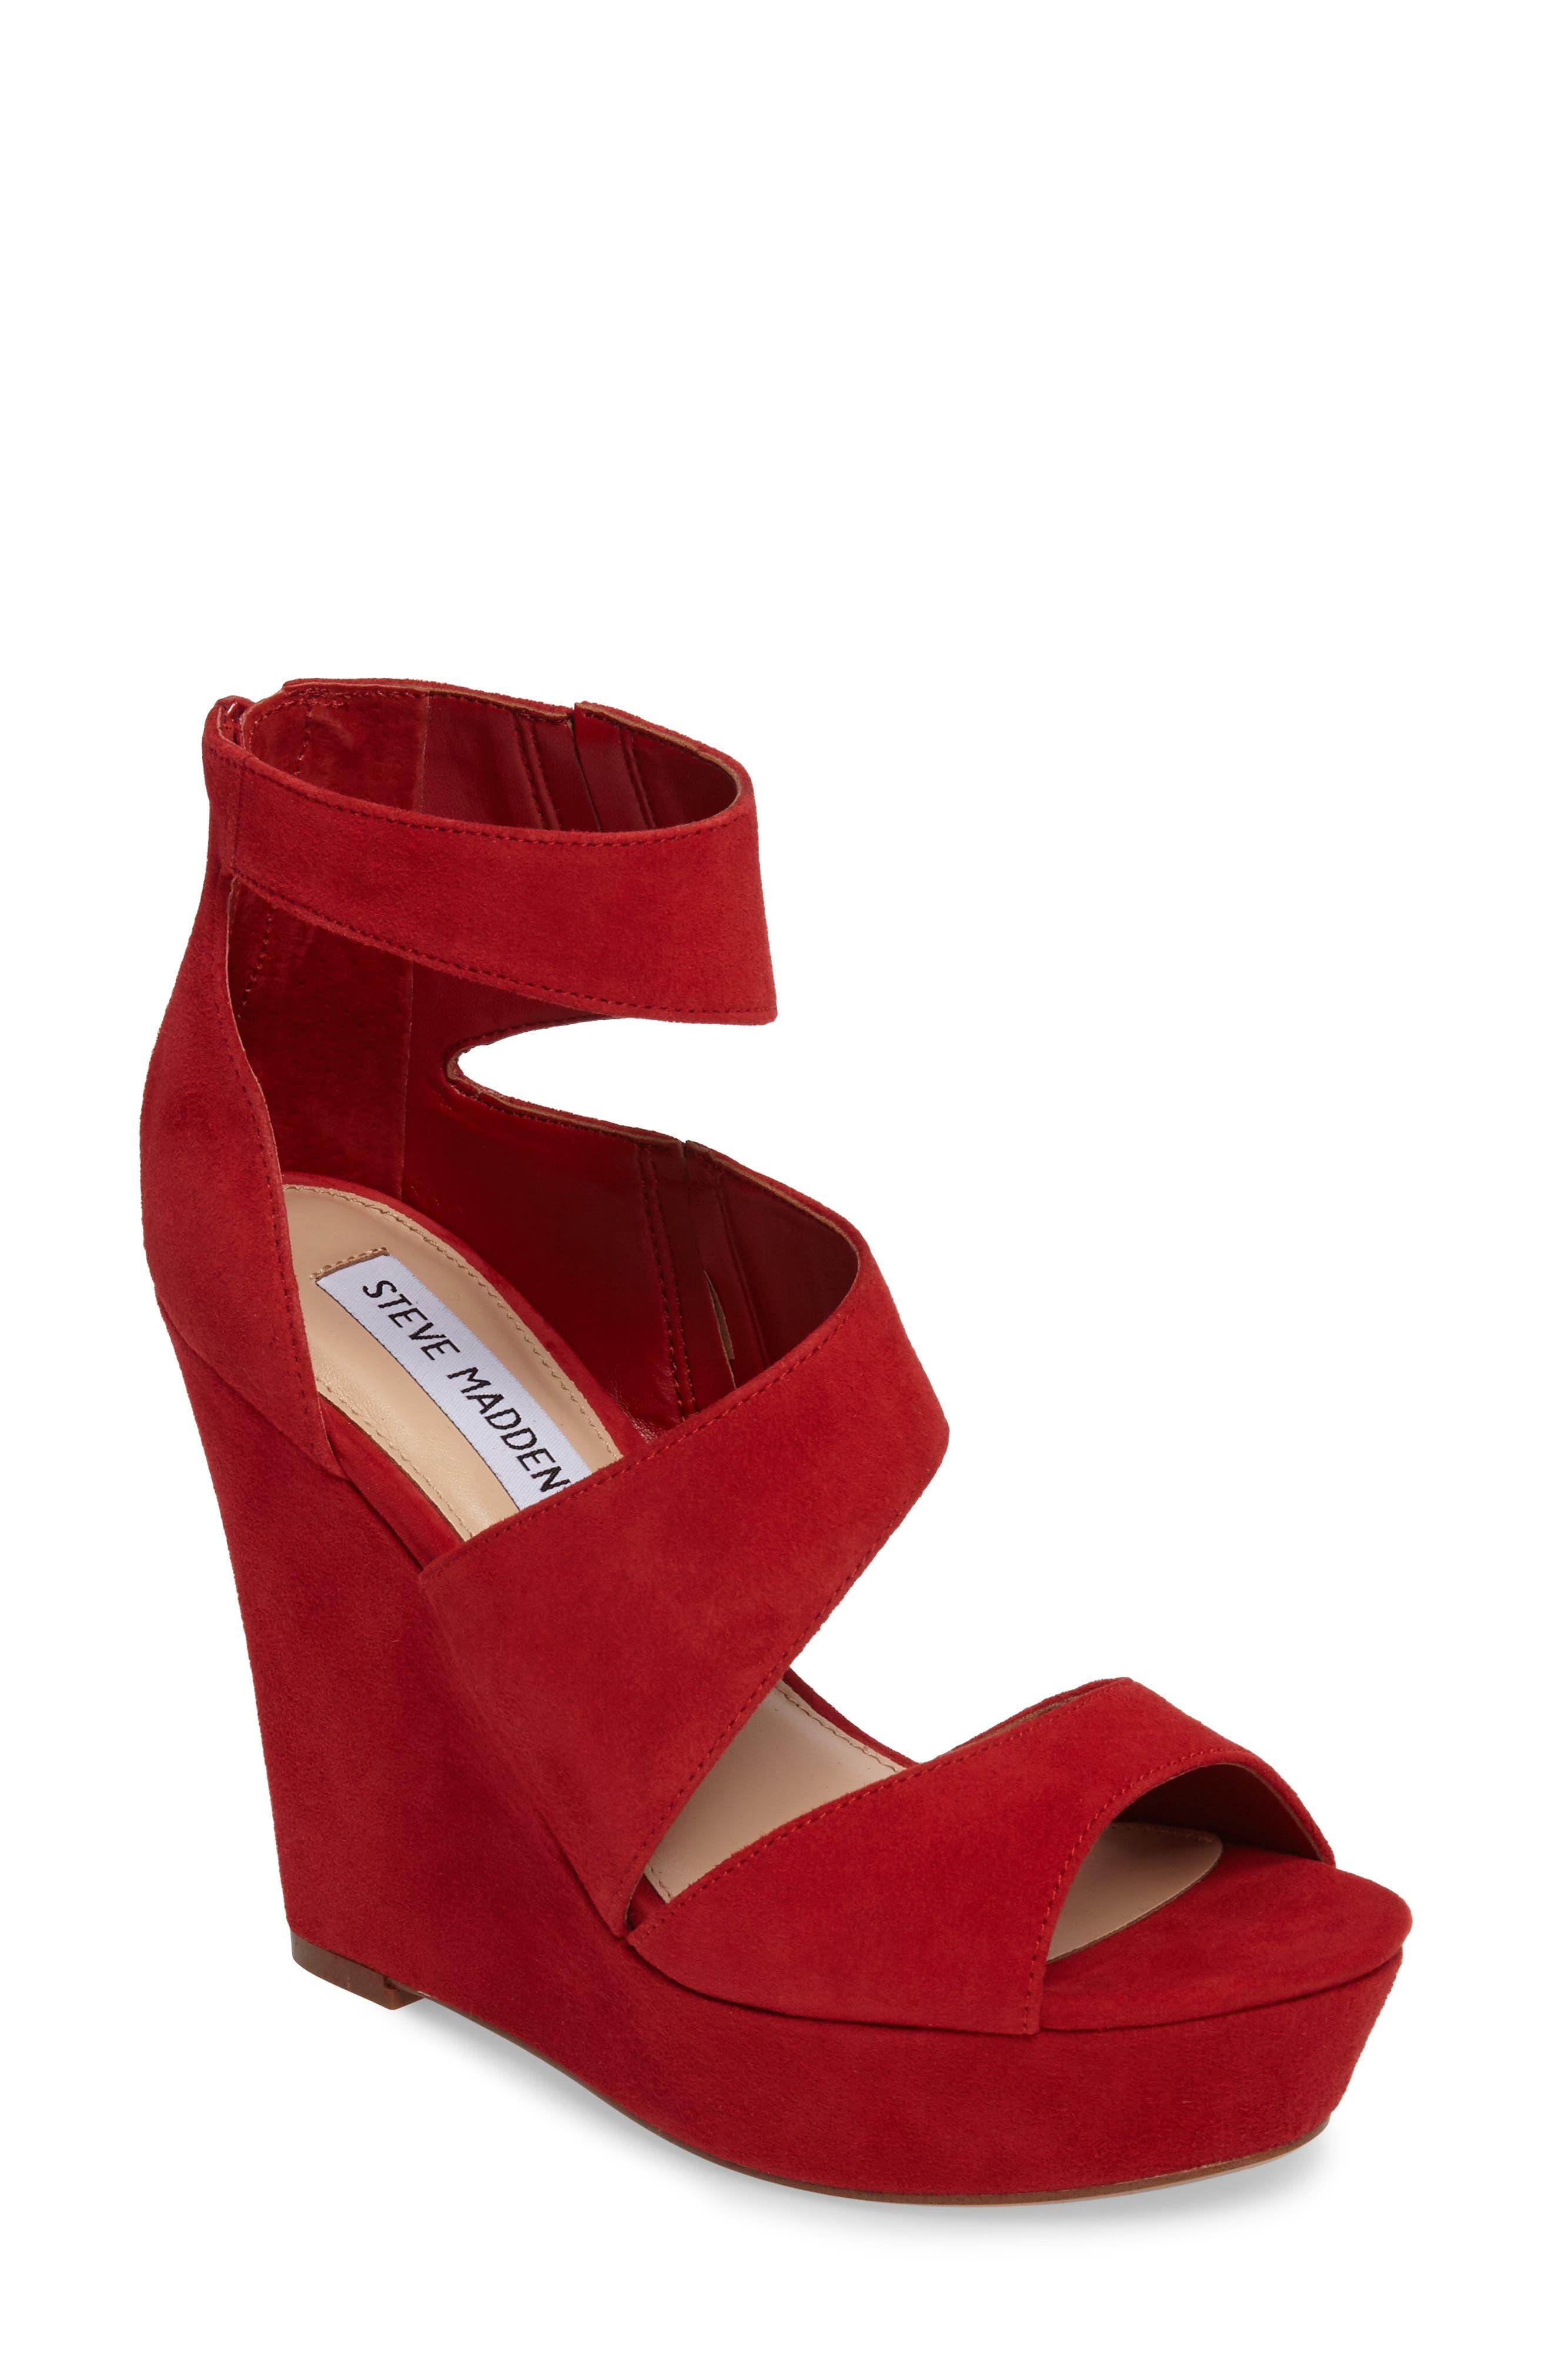 Alternate Image 1 Selected - Steve Madden Essey Asymmetrical Platform Wedge Sandal (Women)